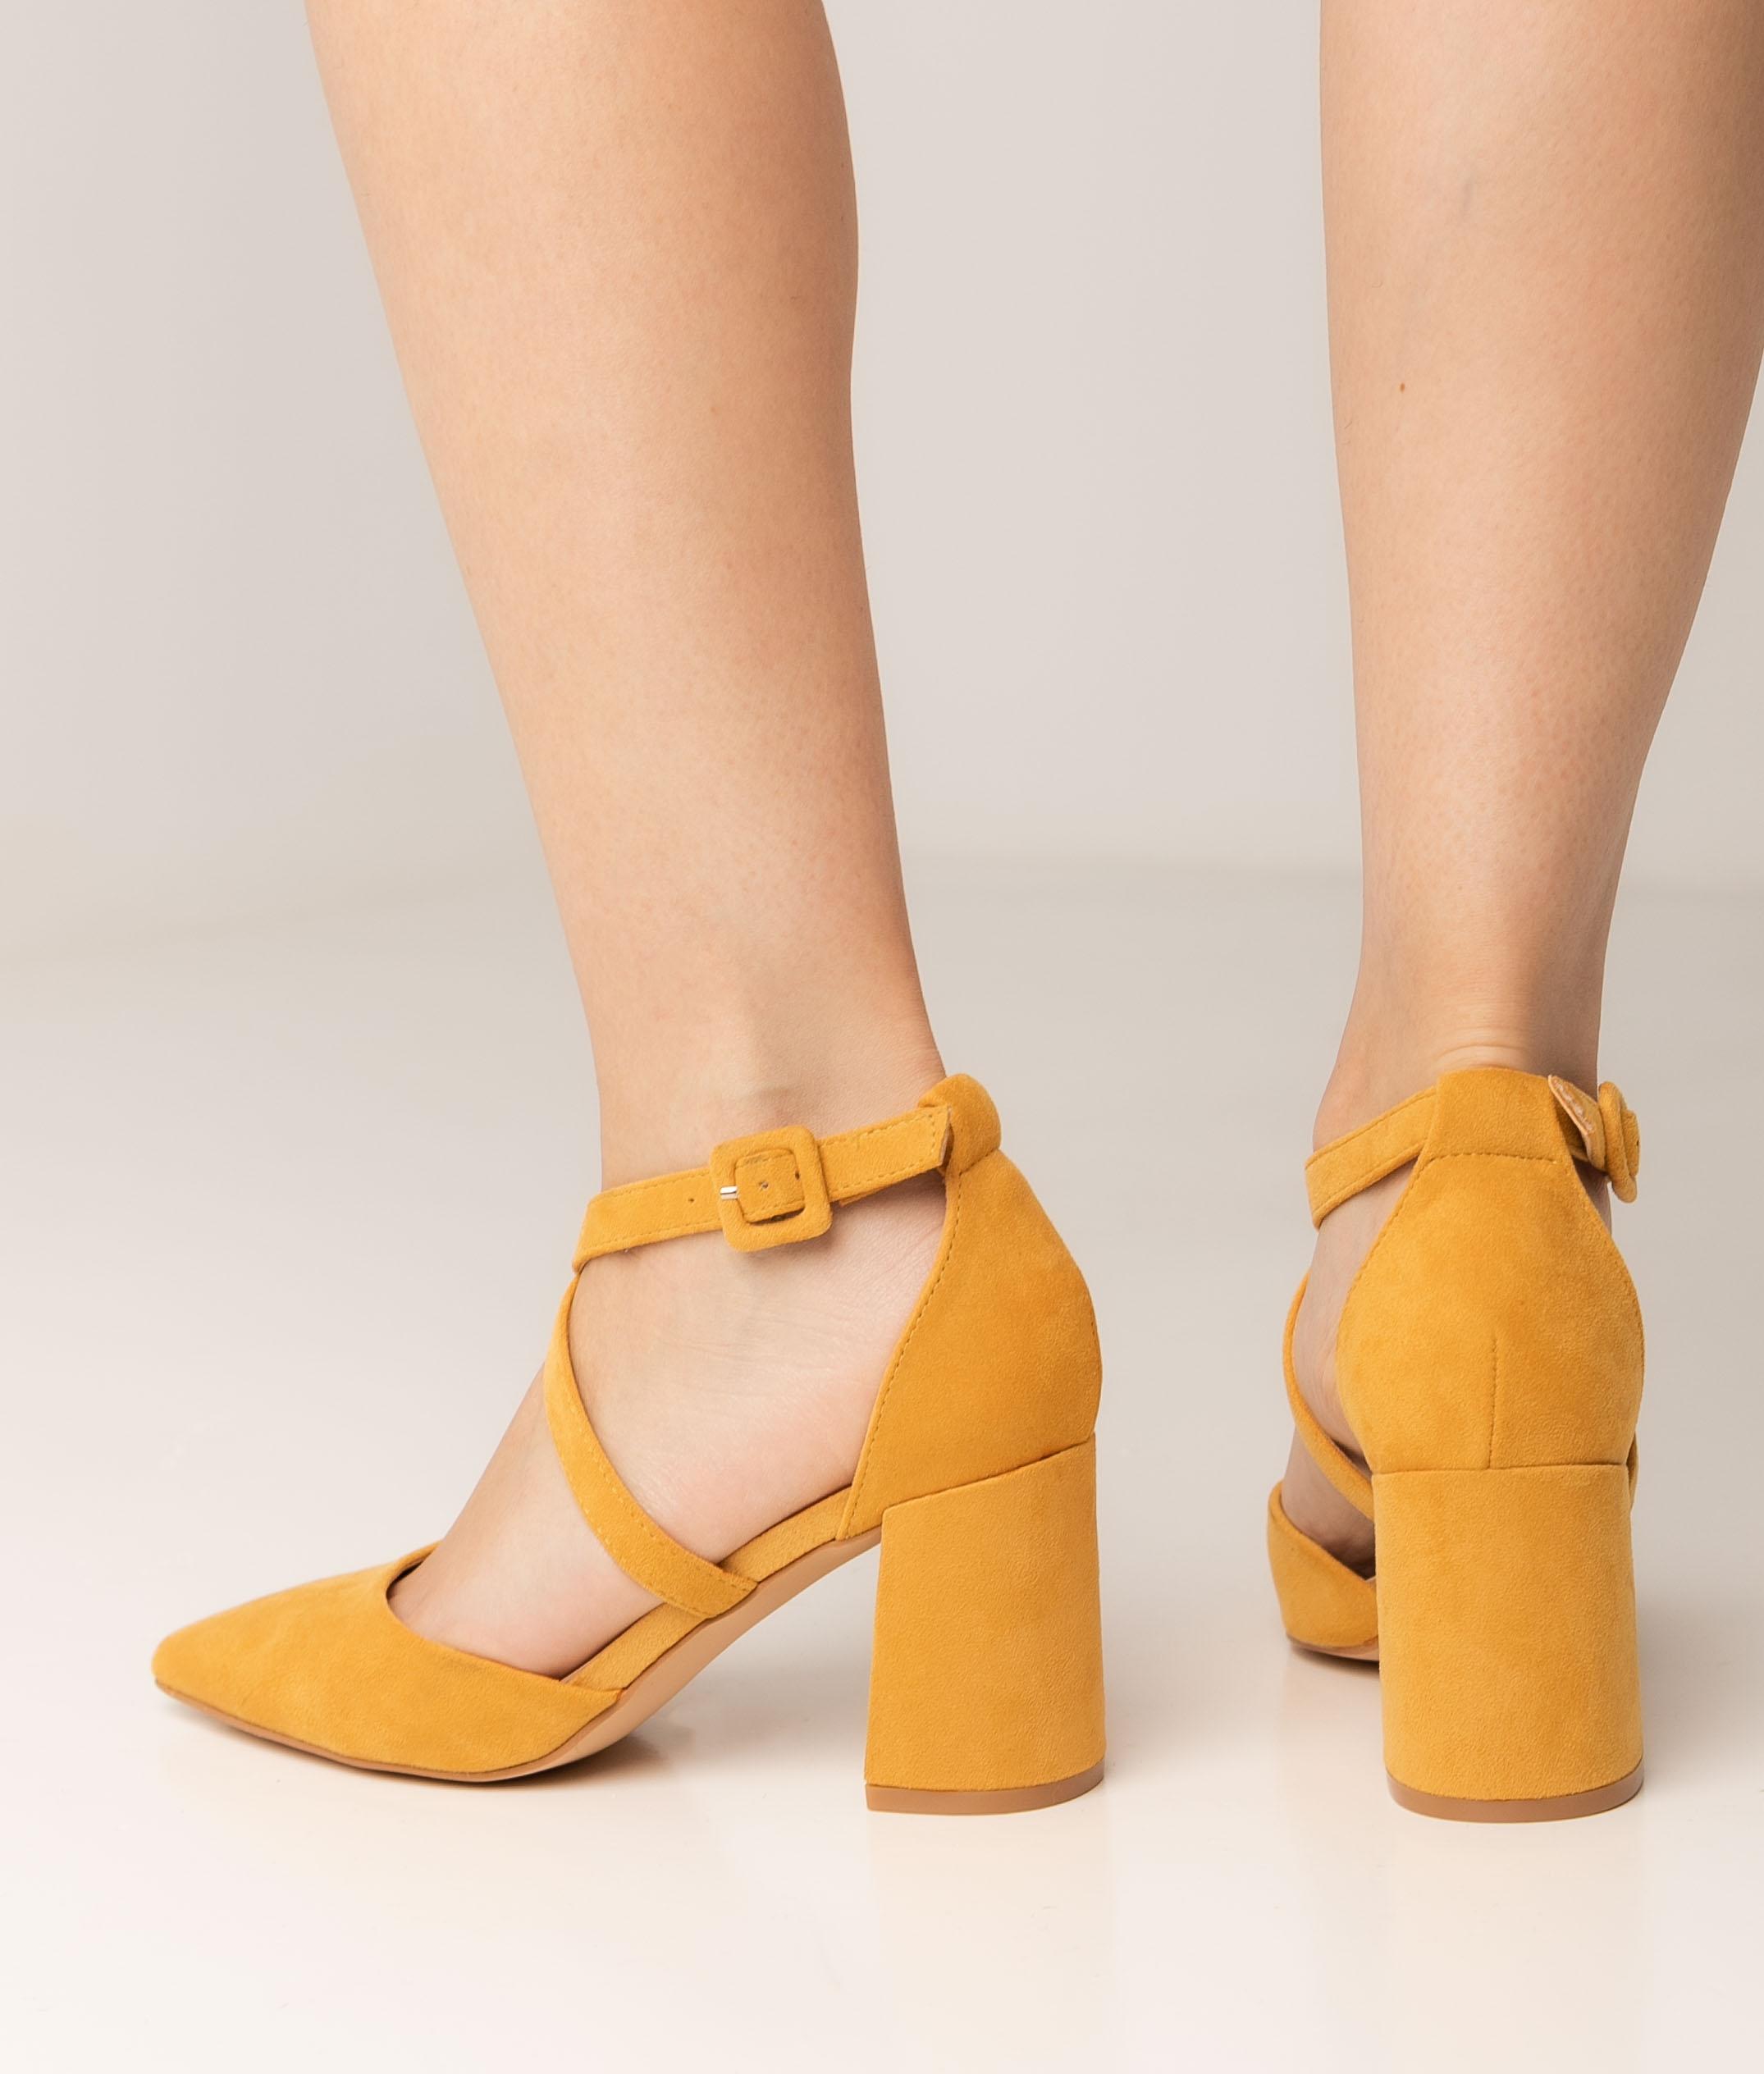 Zapato de Tacón Pletia - Amarillo